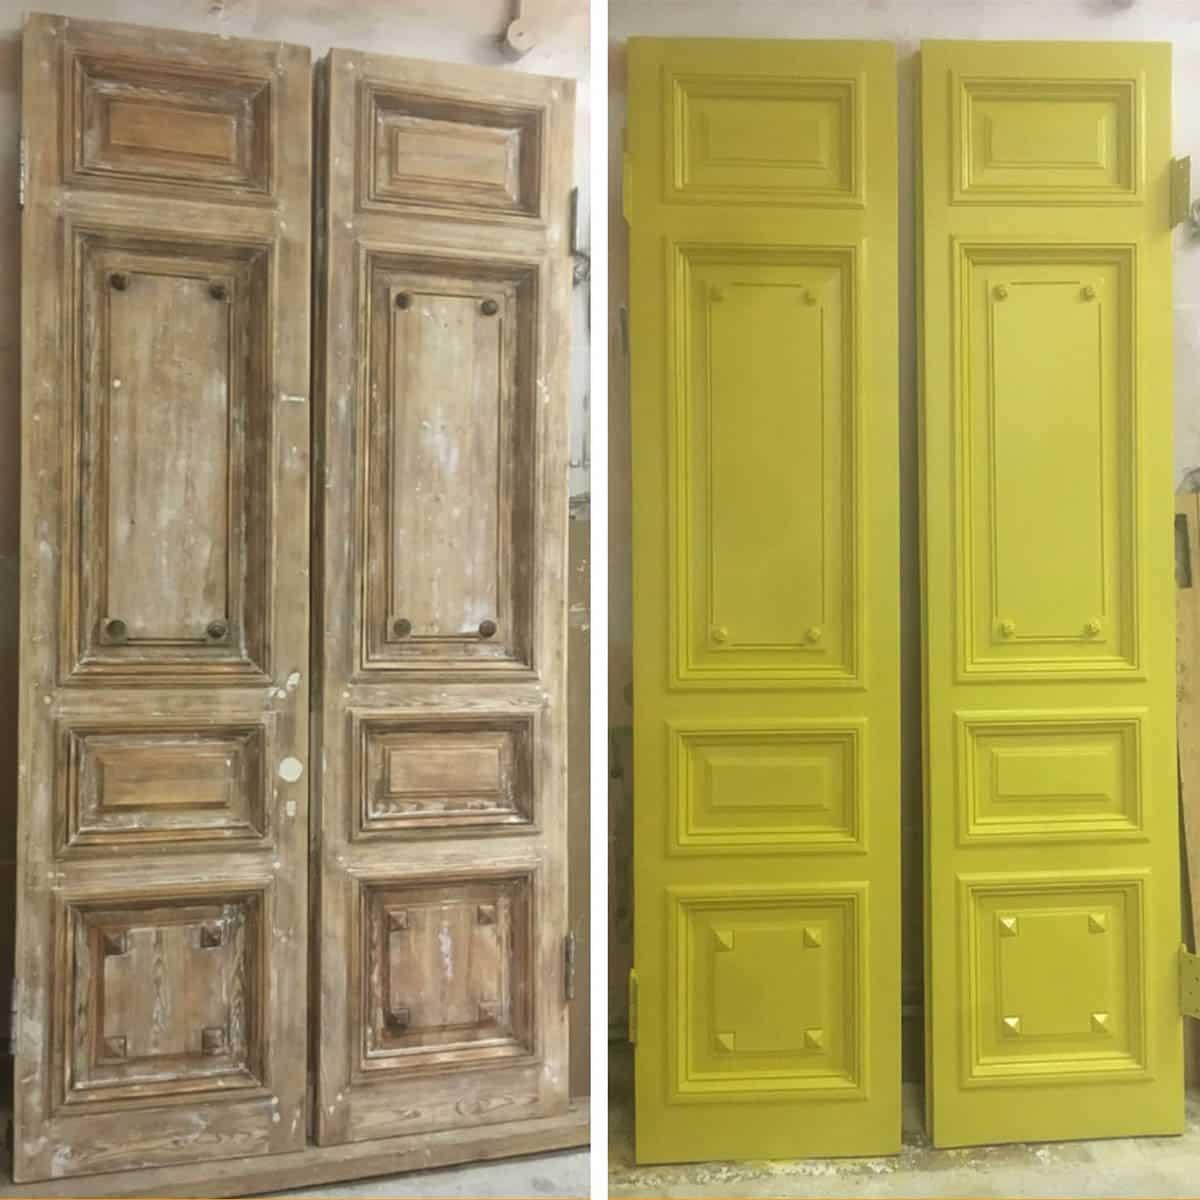 реставрация межкомнатной двери (старый фонд)